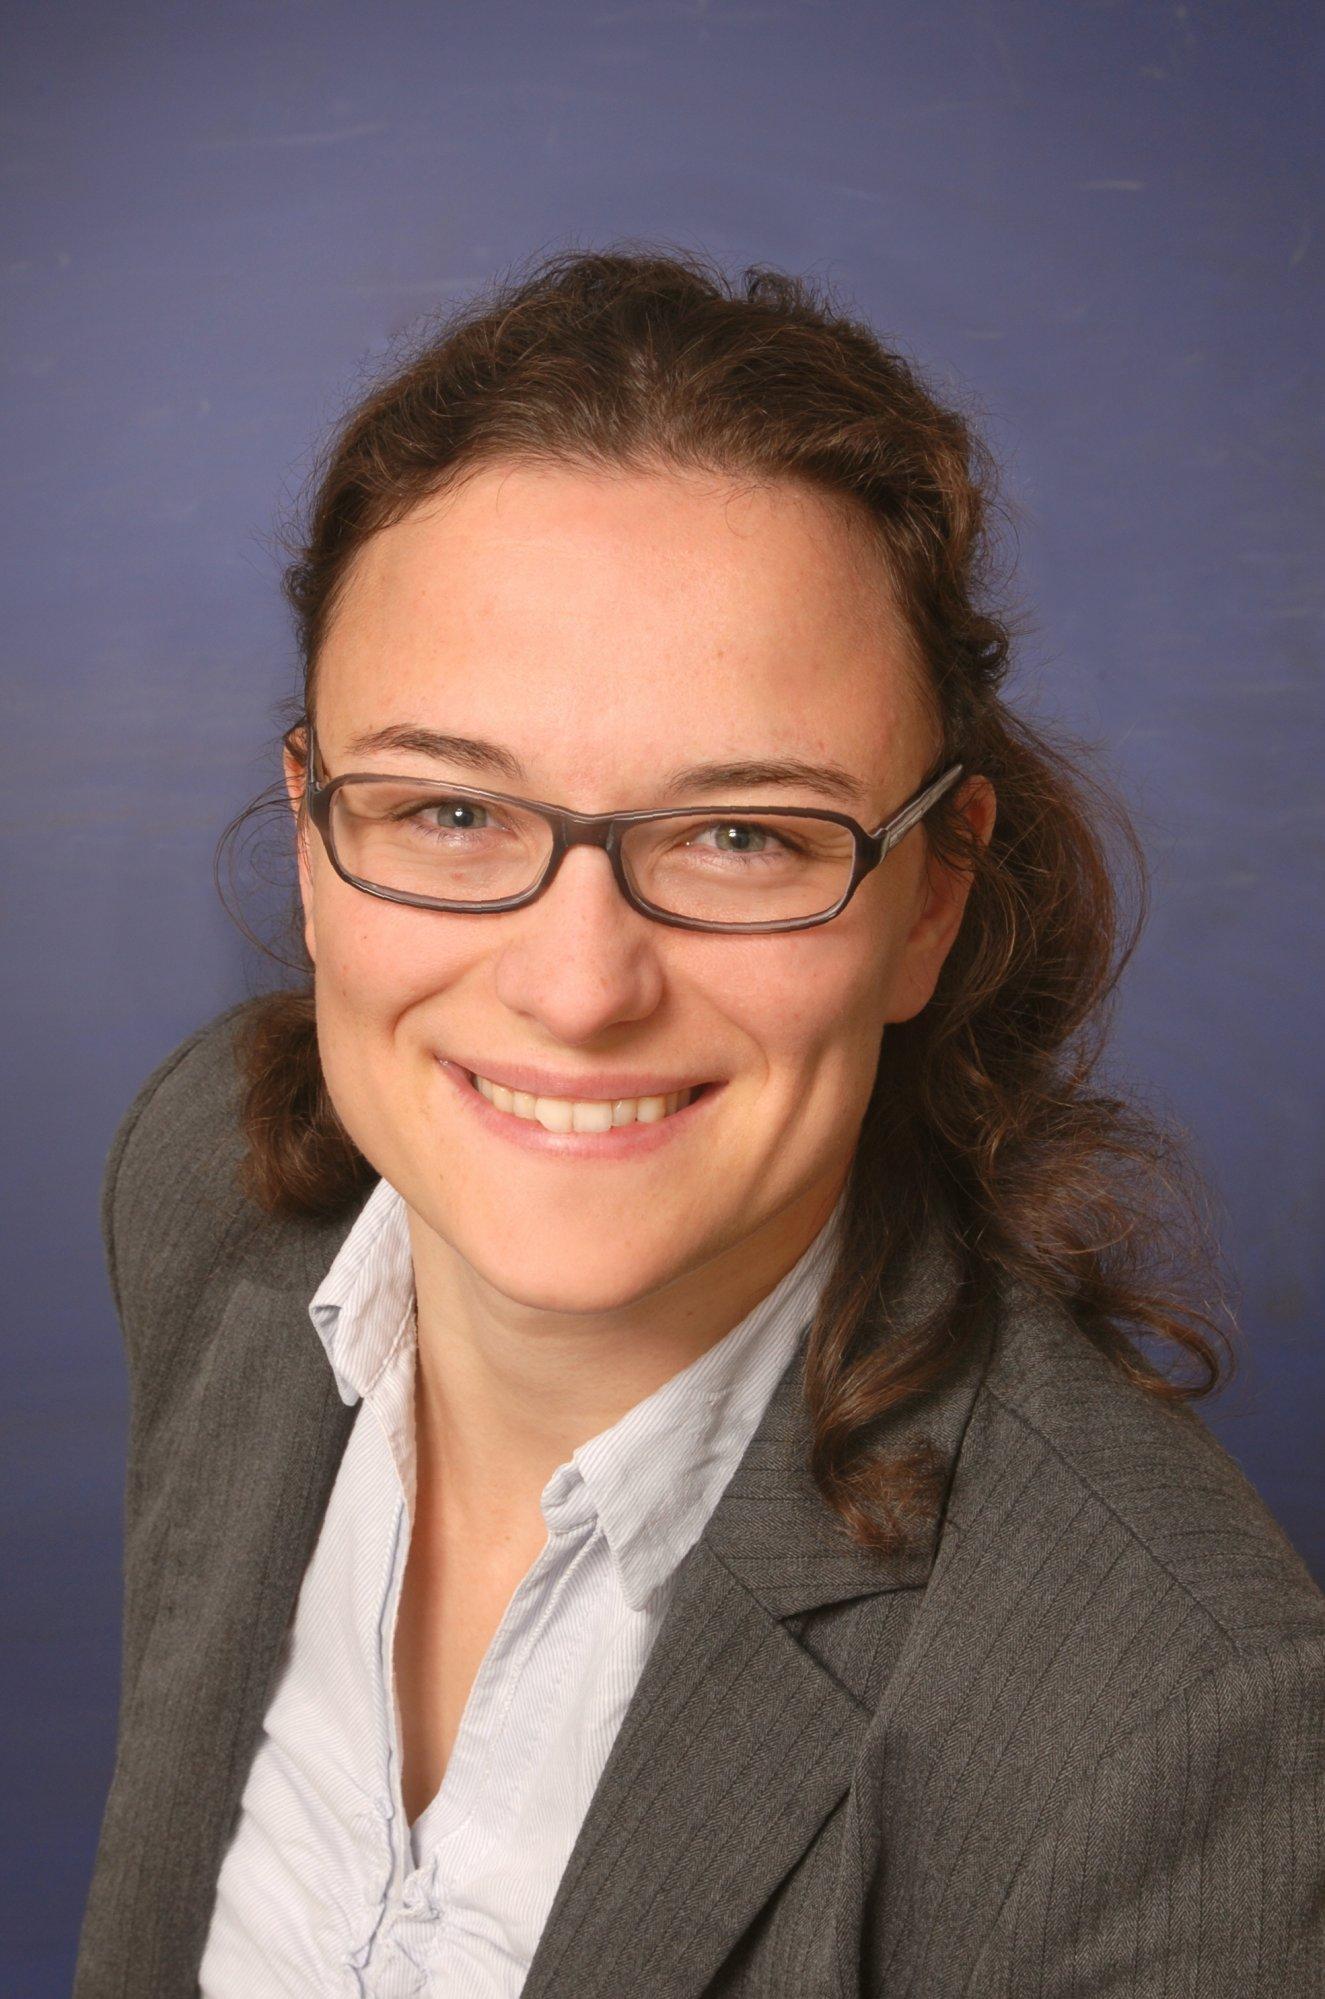 Susann Hädrich